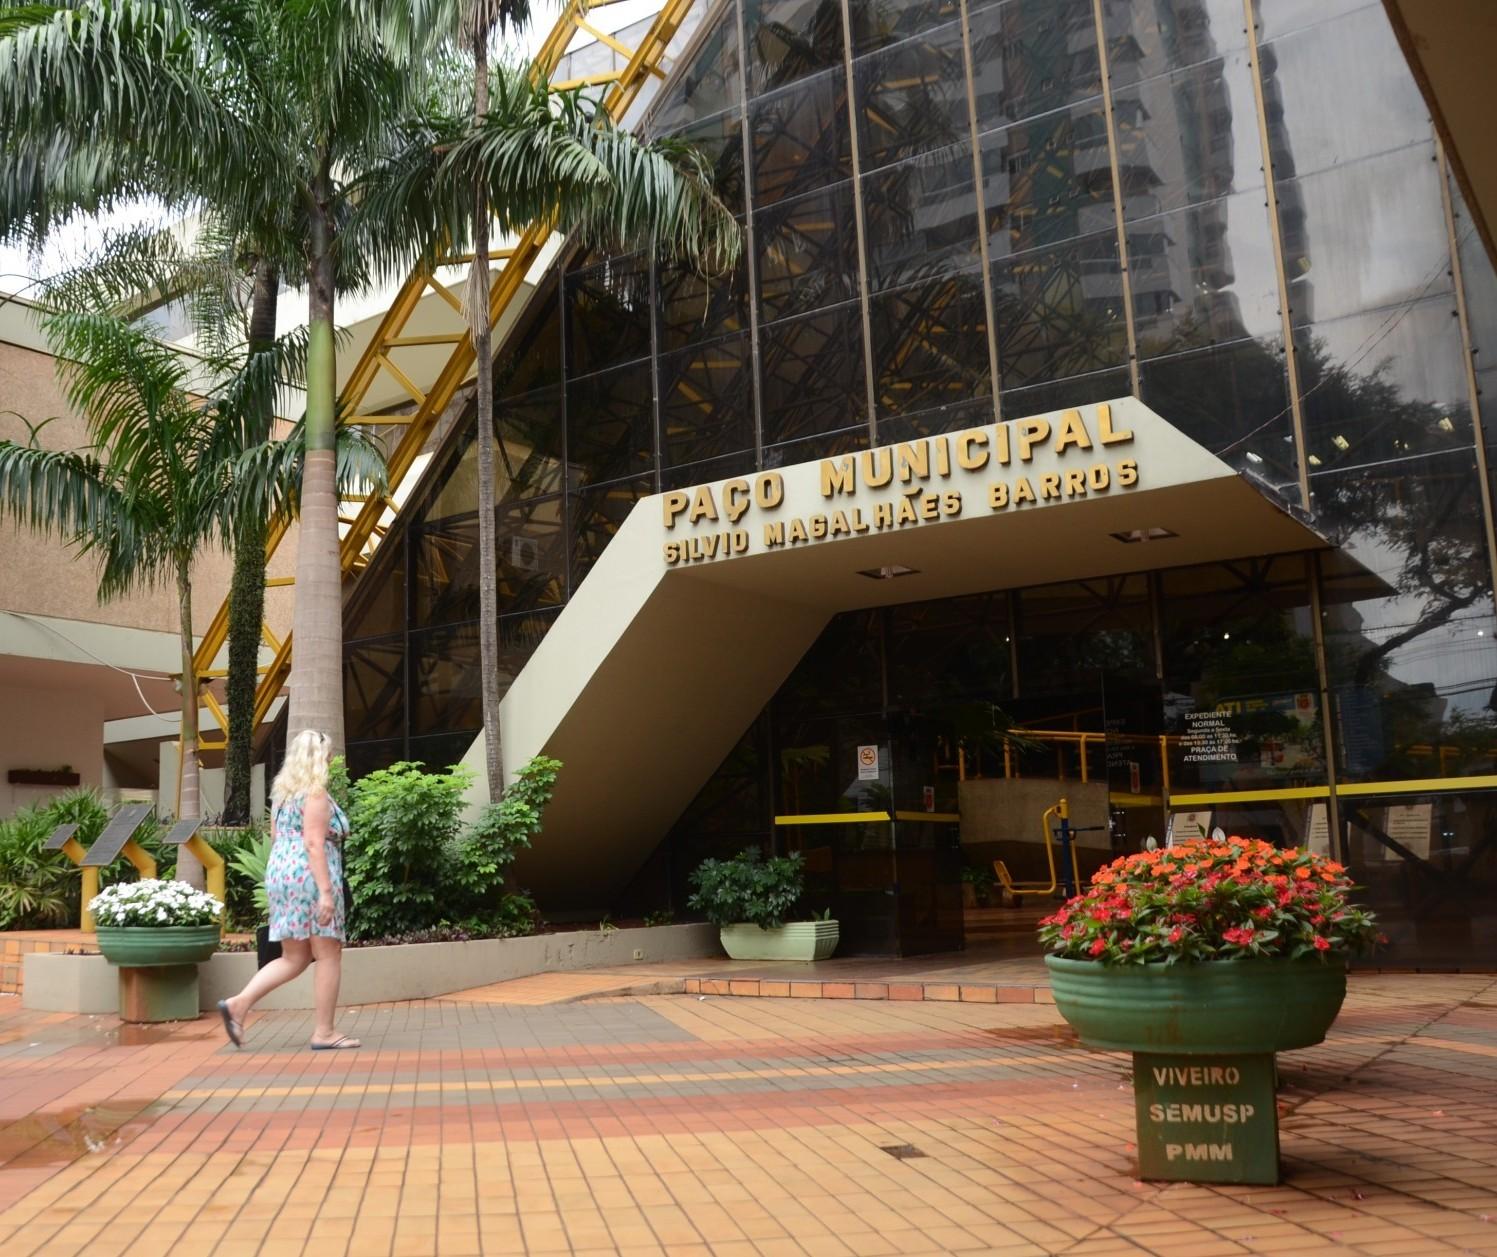 Prefeitura propõe liberar eventos com até 100 pessoas a partir de 28 de setembro